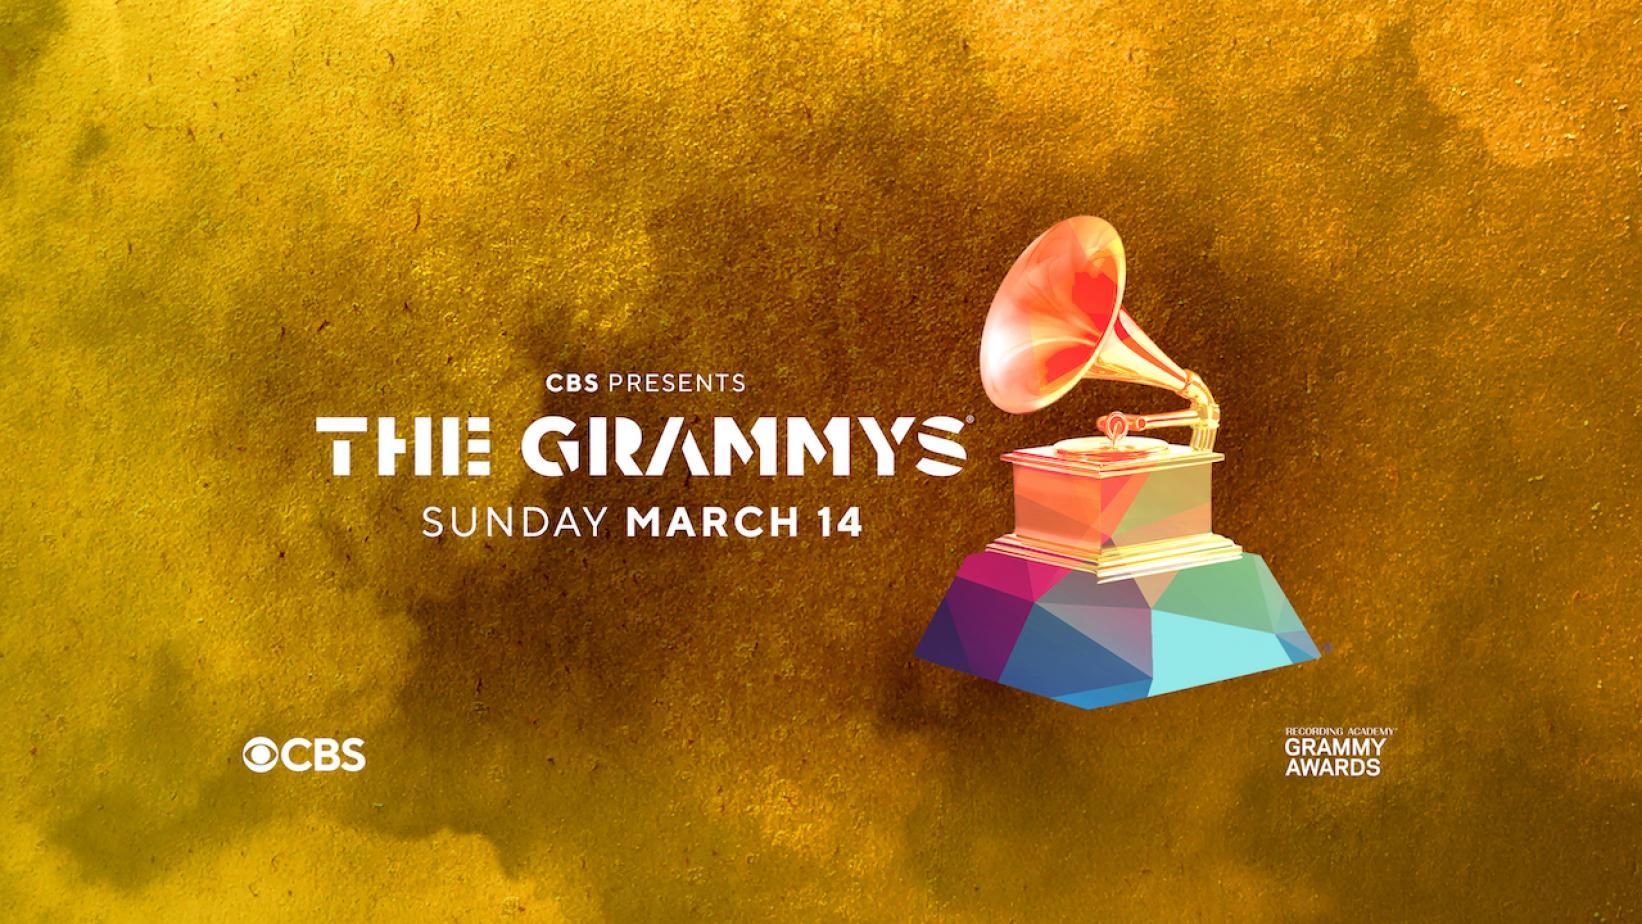 grammy 2021 14 march - Премия GRAMMY Awards 2021 пройдёт сегодня: список номинантов, кто выступает, где и во сколько смотреть онлайн